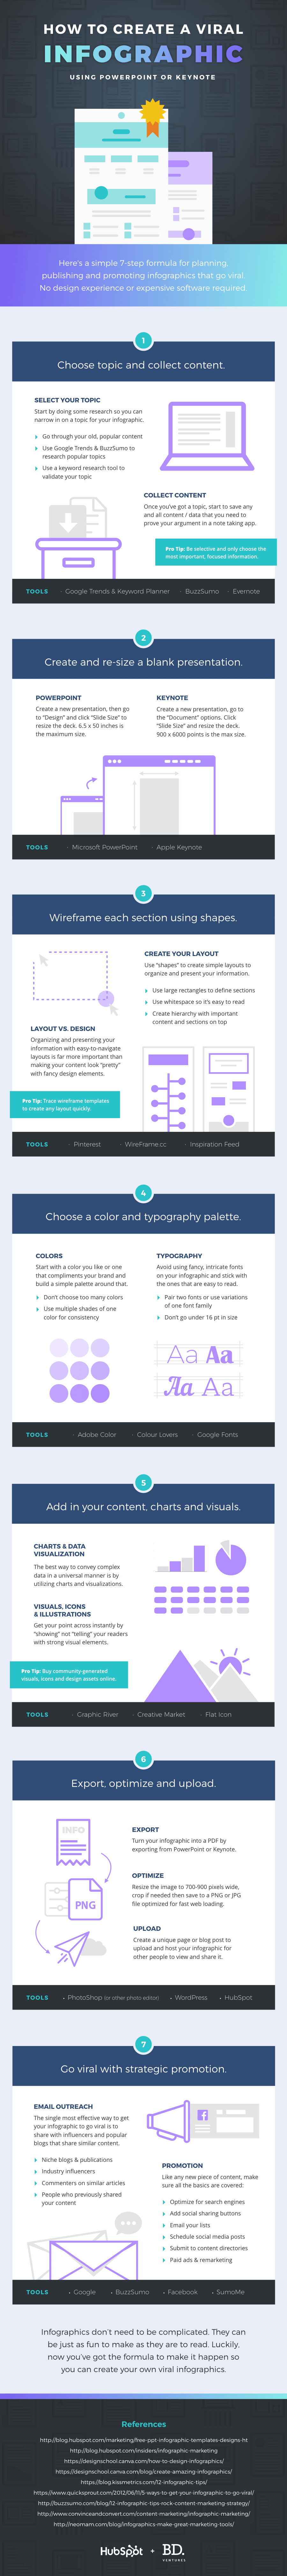 create-an-infographic-final-min